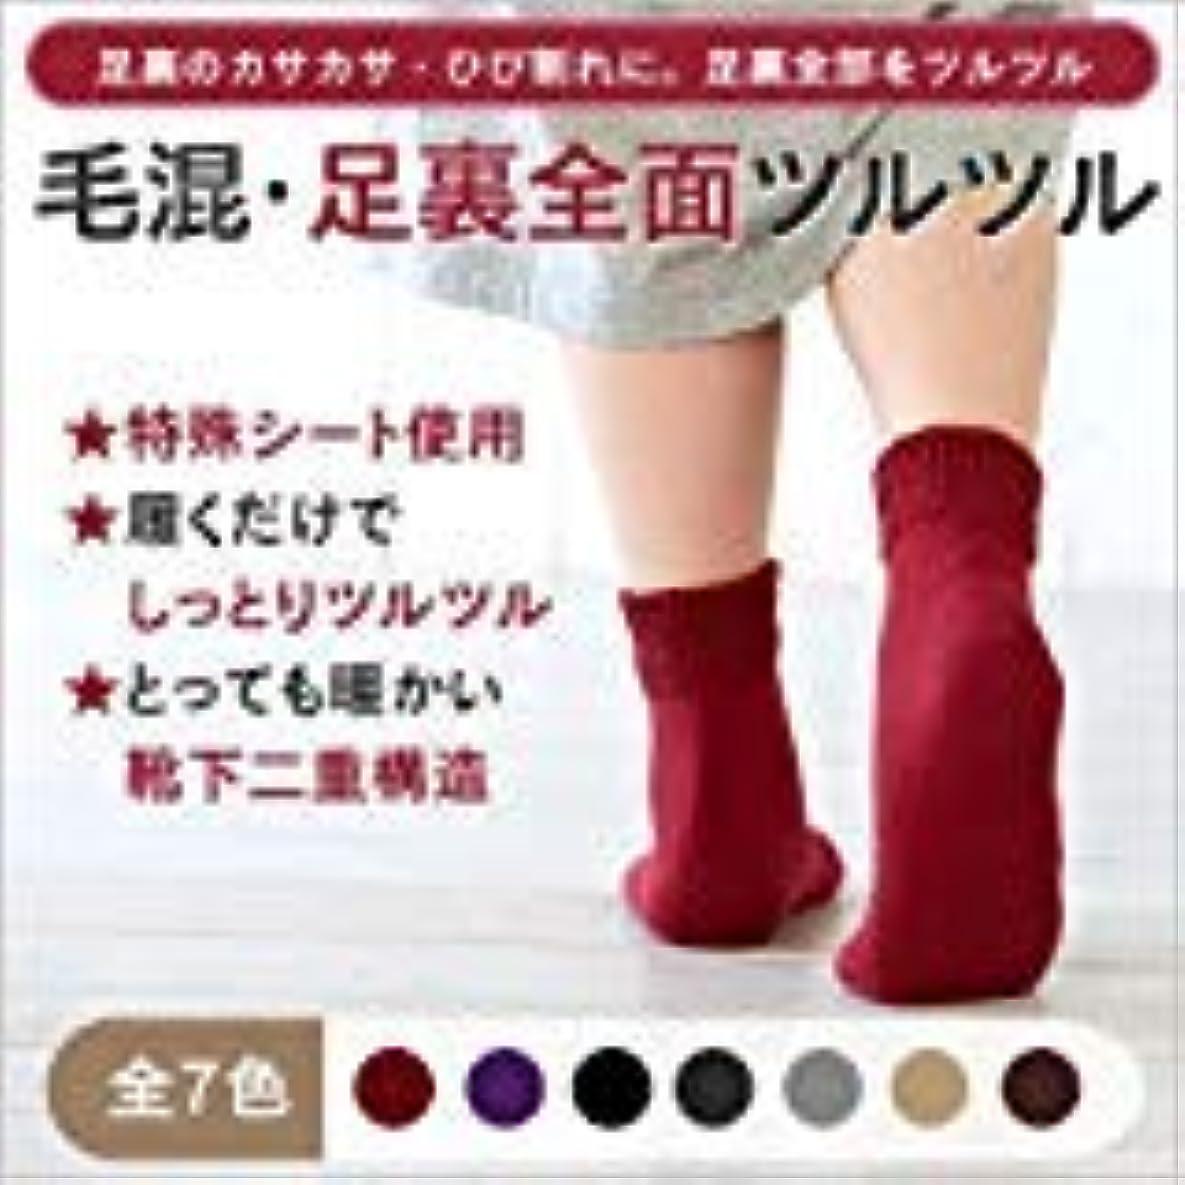 最少廃止魅力足裏全部 角質 ひび割れ ケア 足裏全面 ツルツル 靴下 23-25cm 太陽ニット 720 (ホワイト)